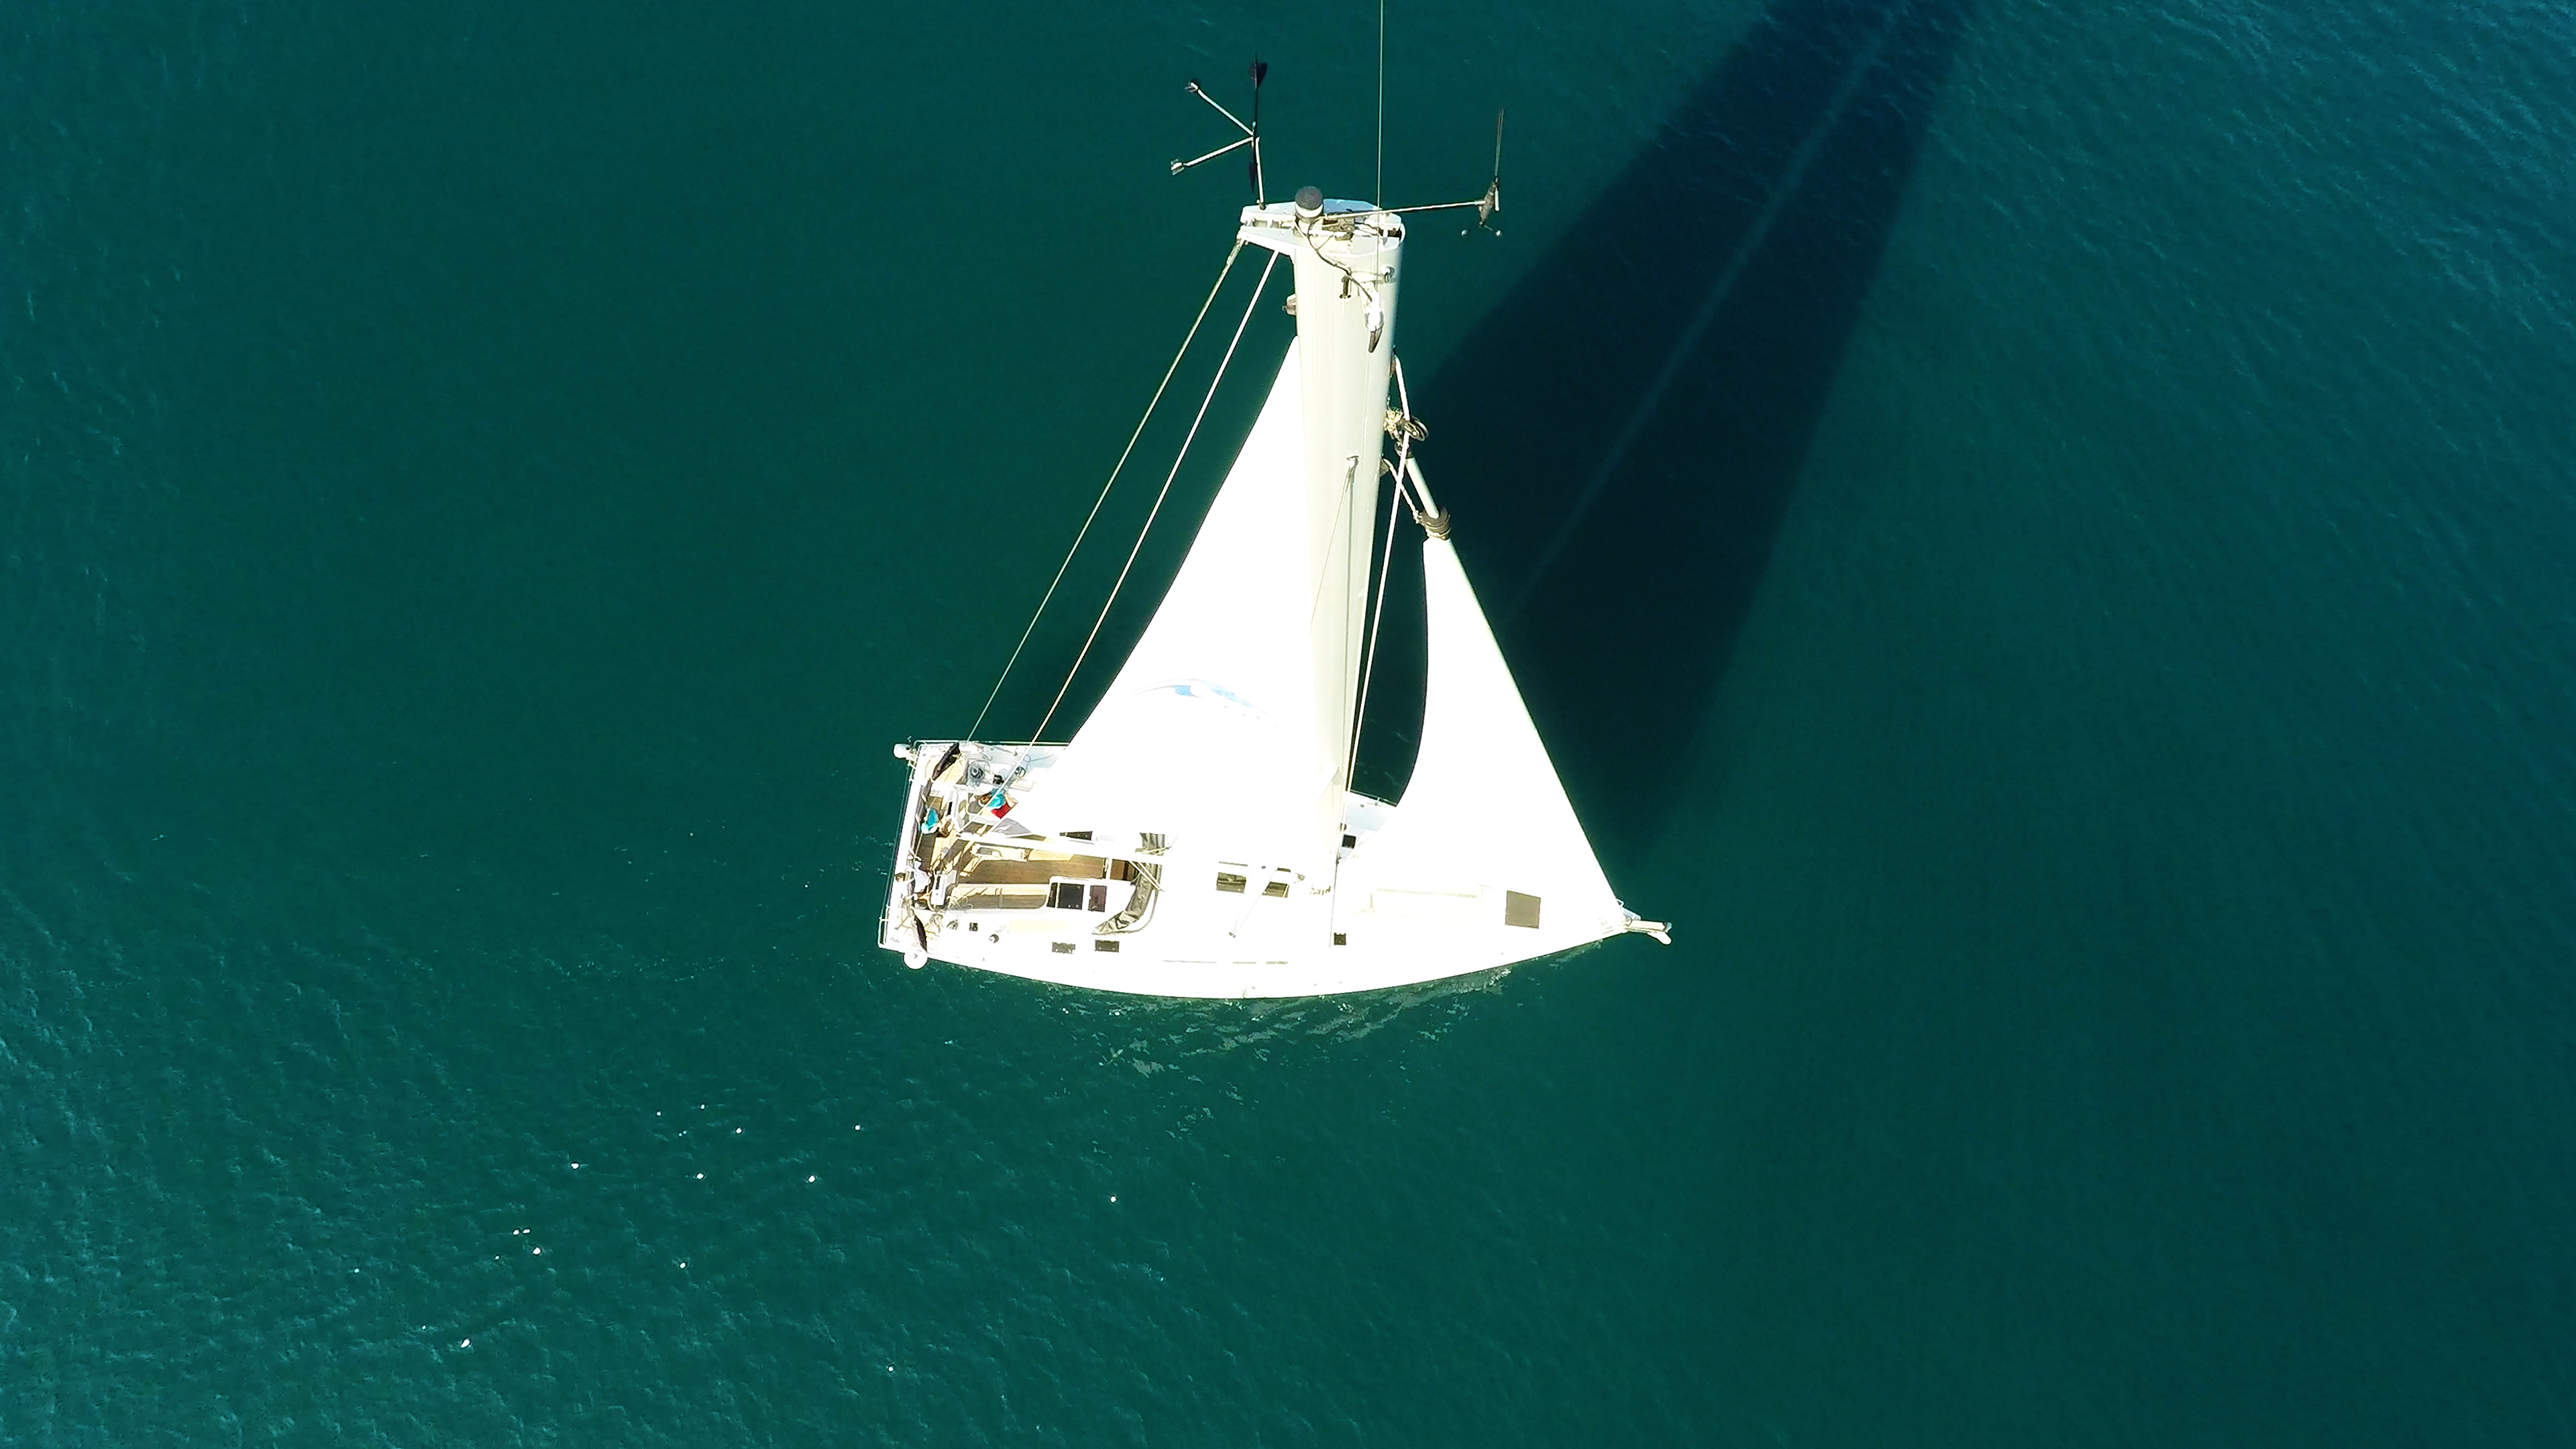 barcha a vela cima dell'albero indicatore del vento da sopra Hanse 505 vele di yacht a vela vela principale genova ponte pozzetto